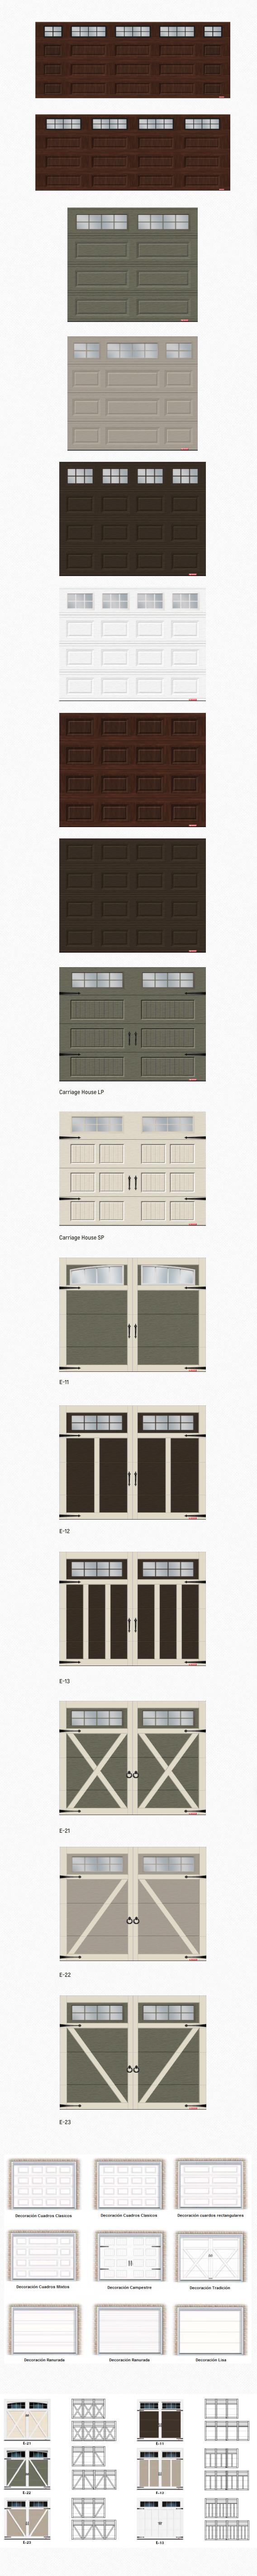 especificaciones-puertas-02